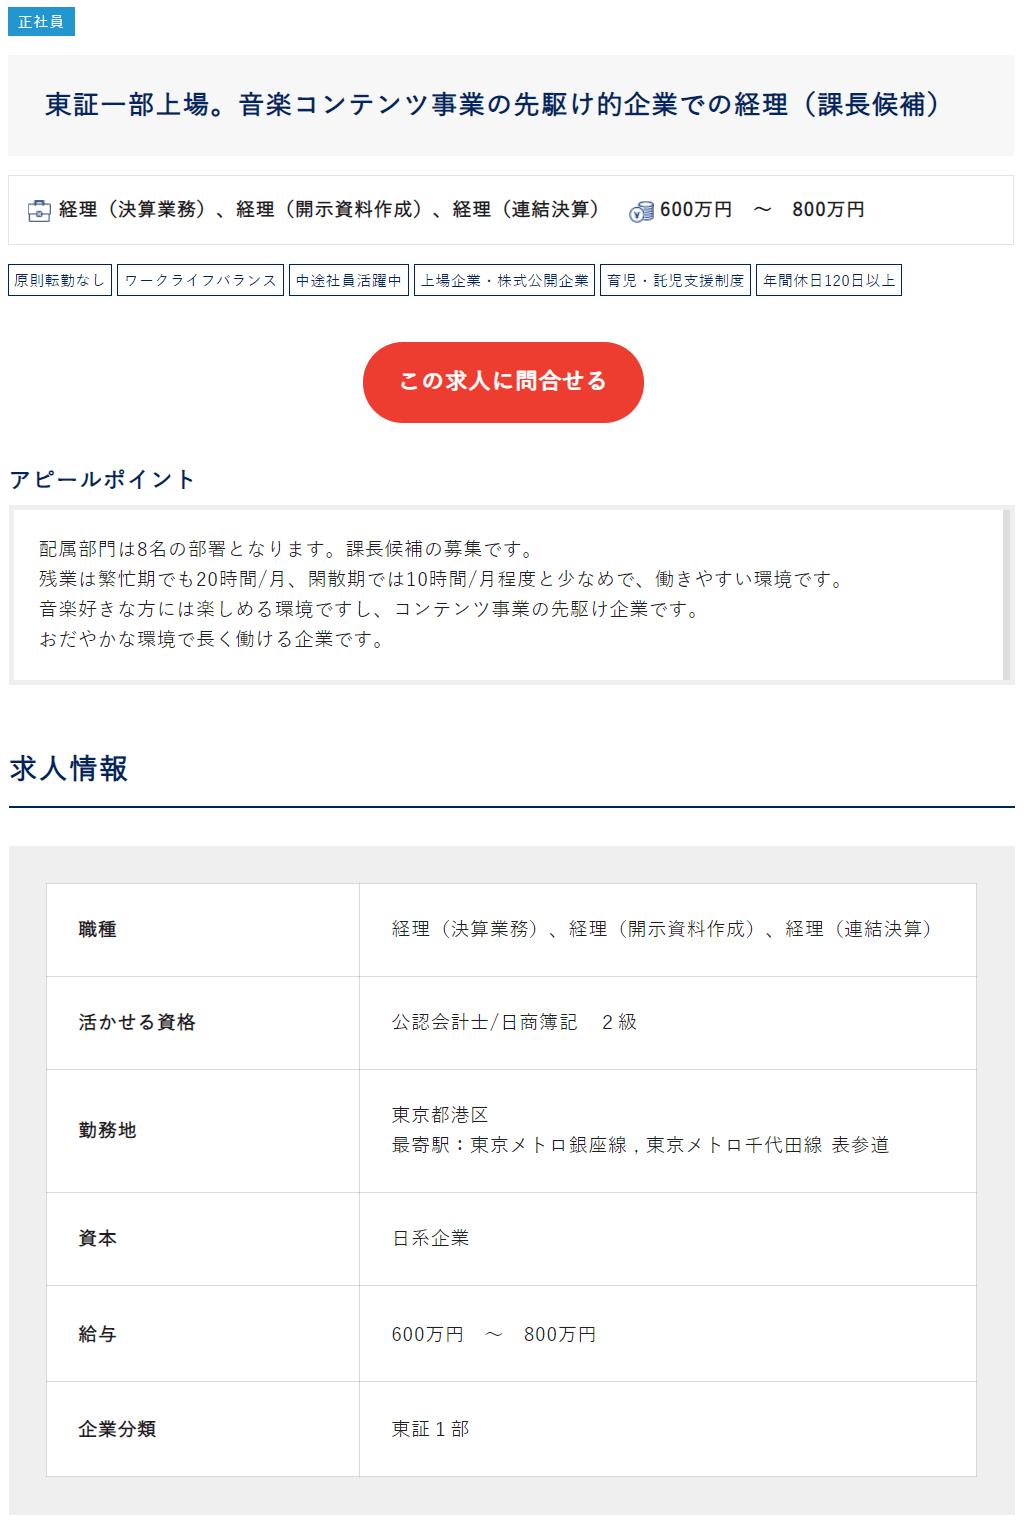 【ワークライフバランス重視】会計士の求人例